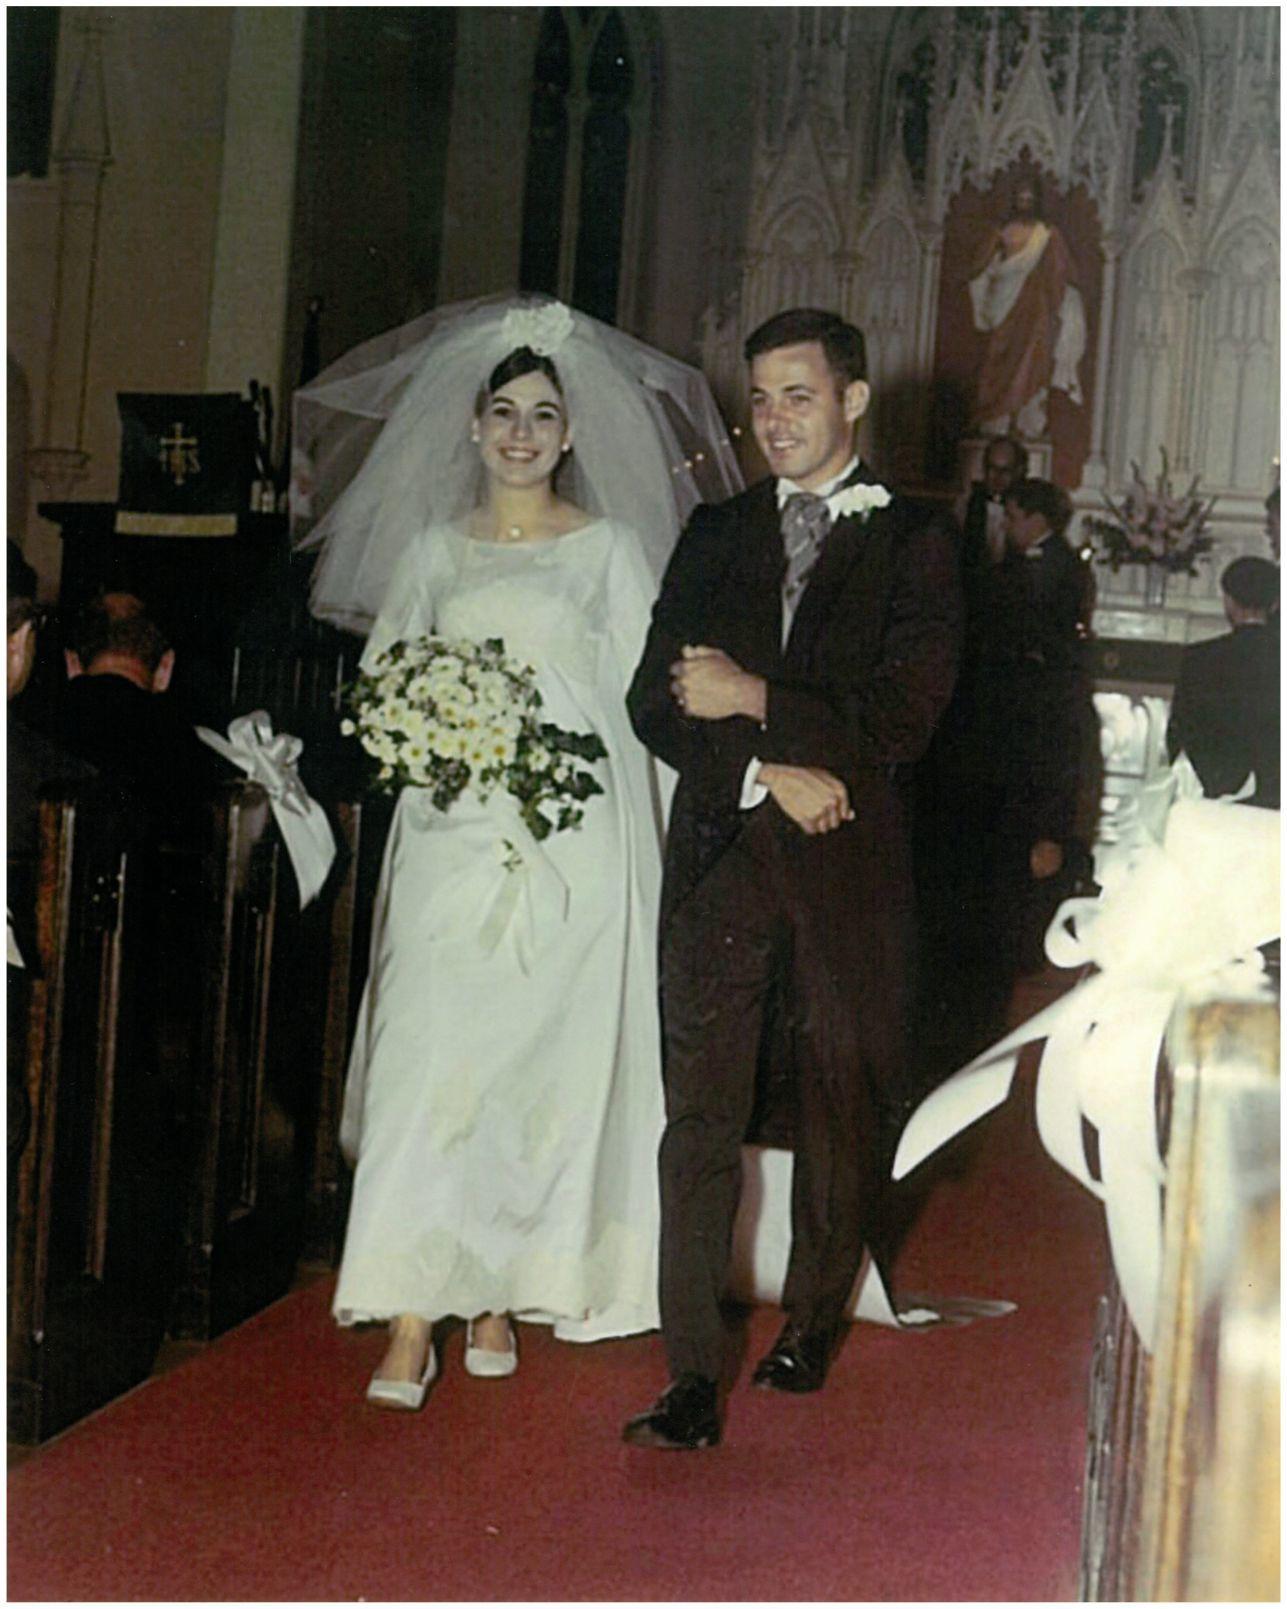 Bill Wooton at his wedding